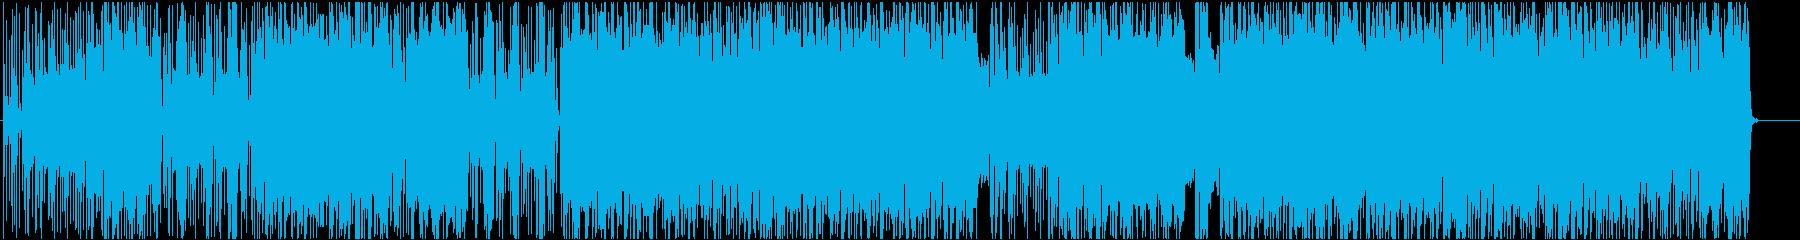 明るいハードロックンロールギターインストの再生済みの波形